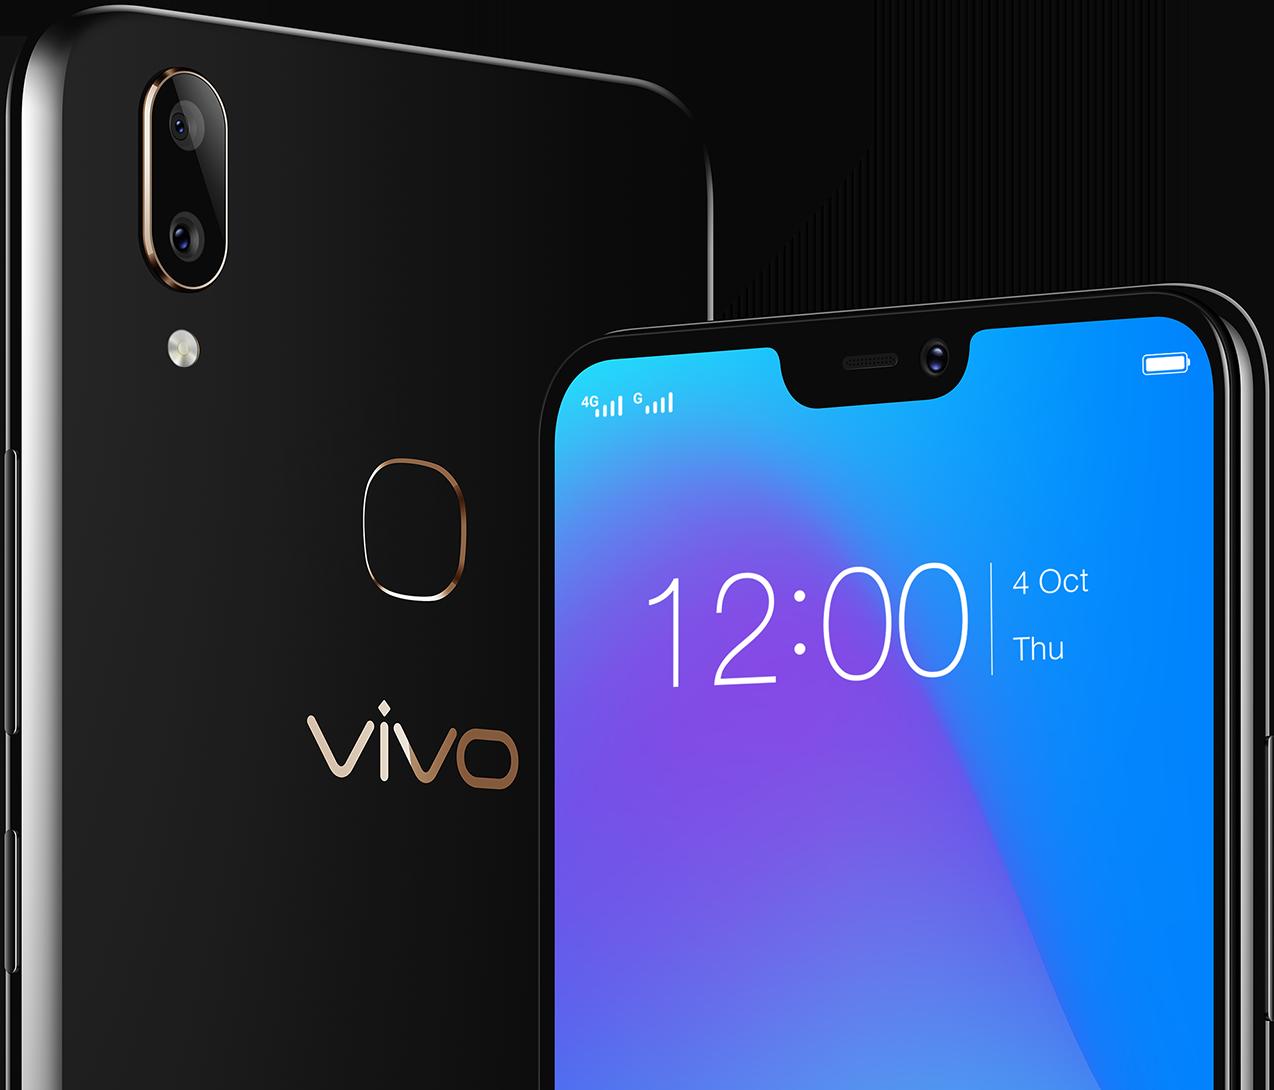 Vivo V9 Pro | Vivo India